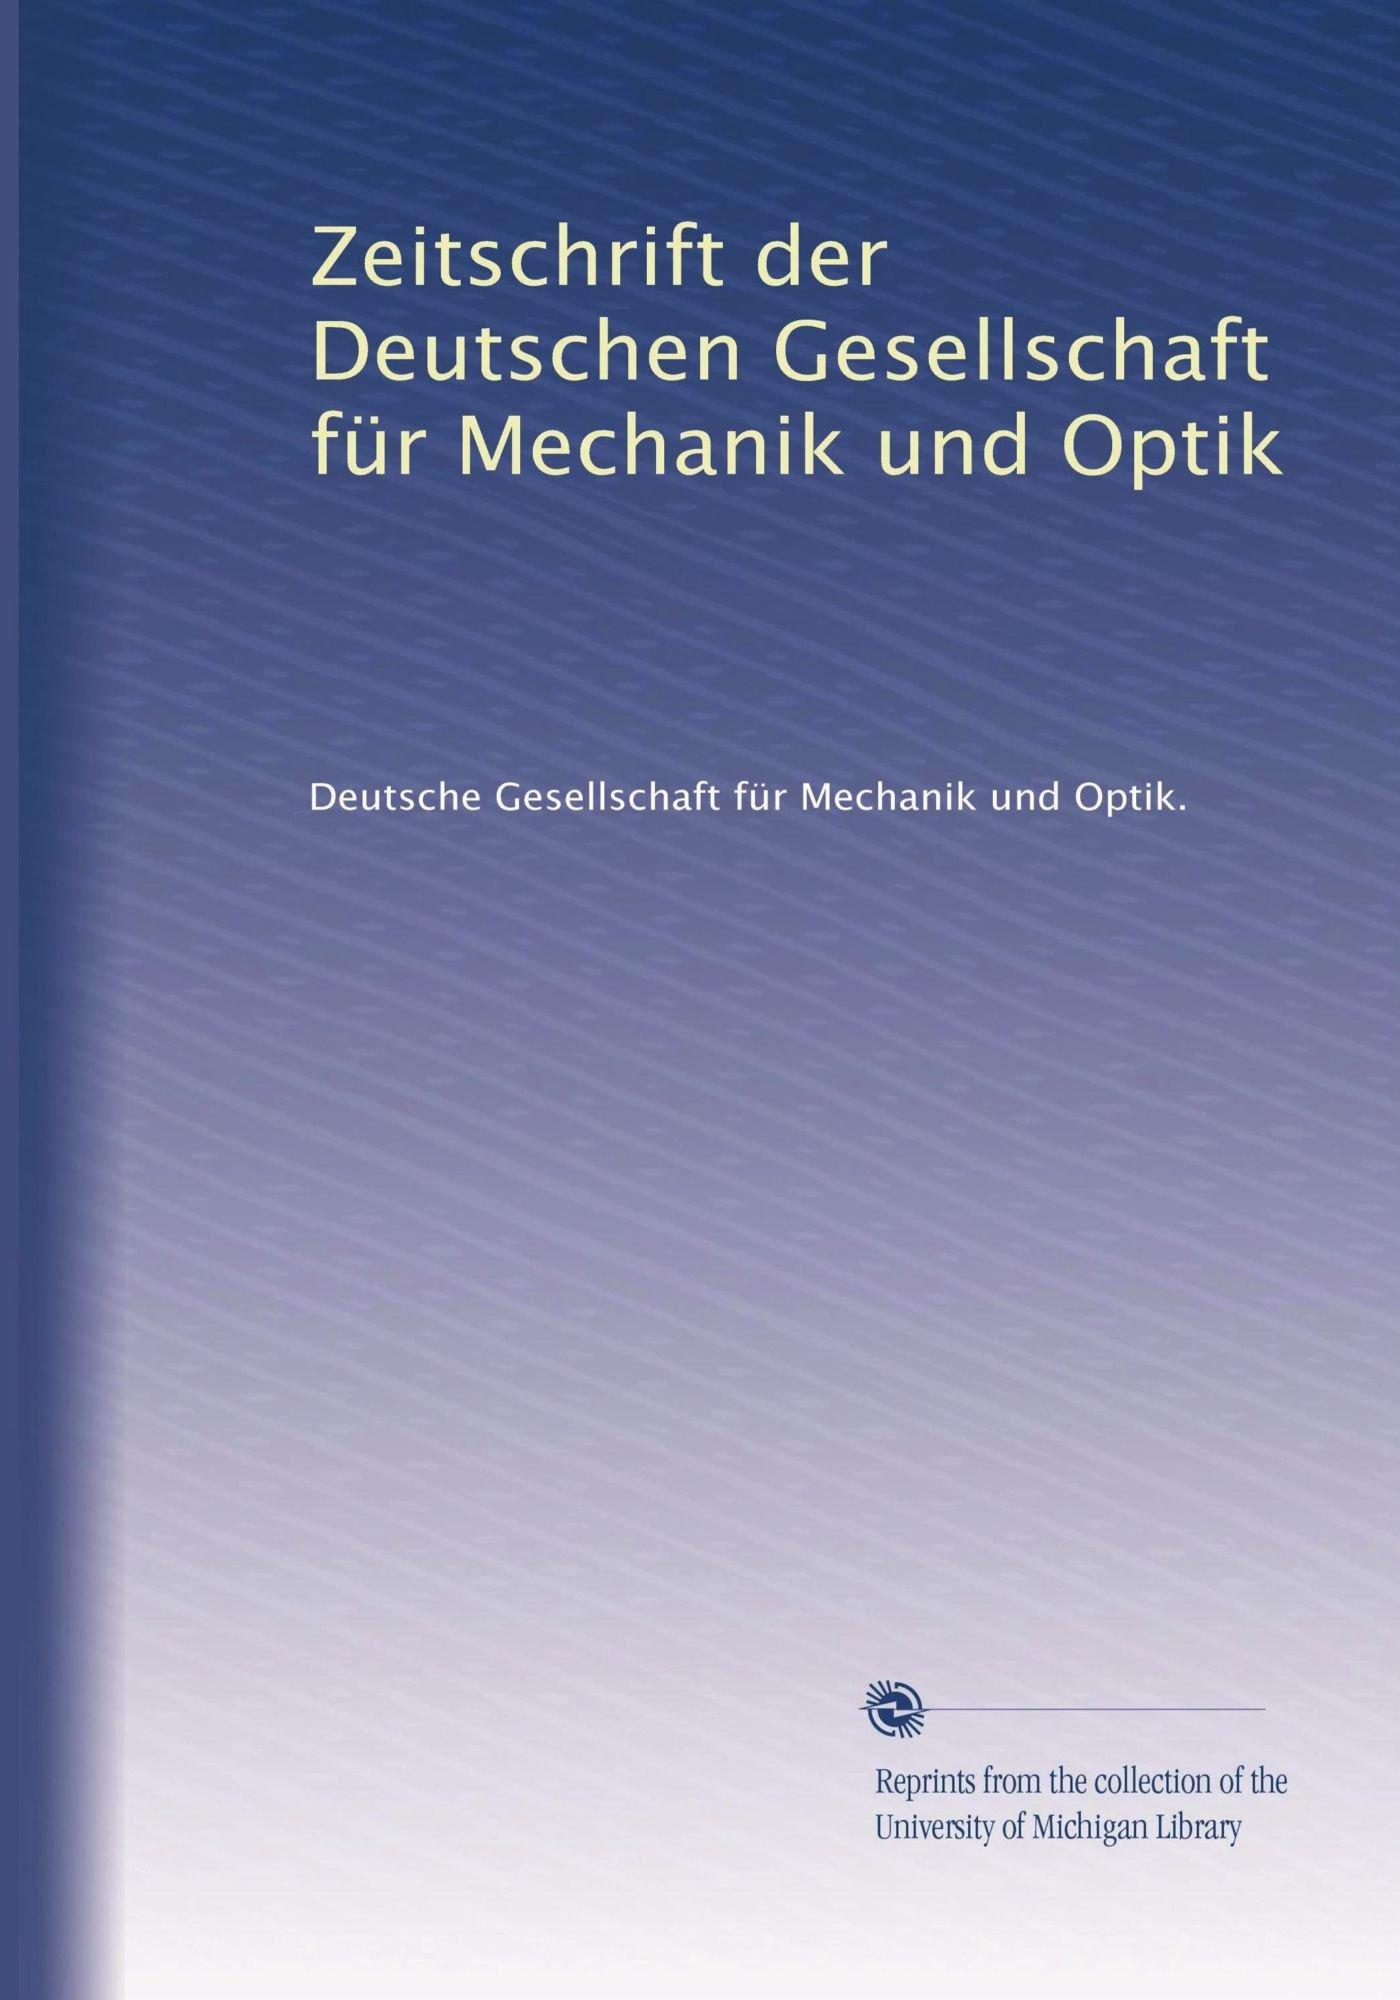 Zeitschrift der Deutschen Gesellschaft für Mechanik und Optik (Volume 7) (German Edition) ebook